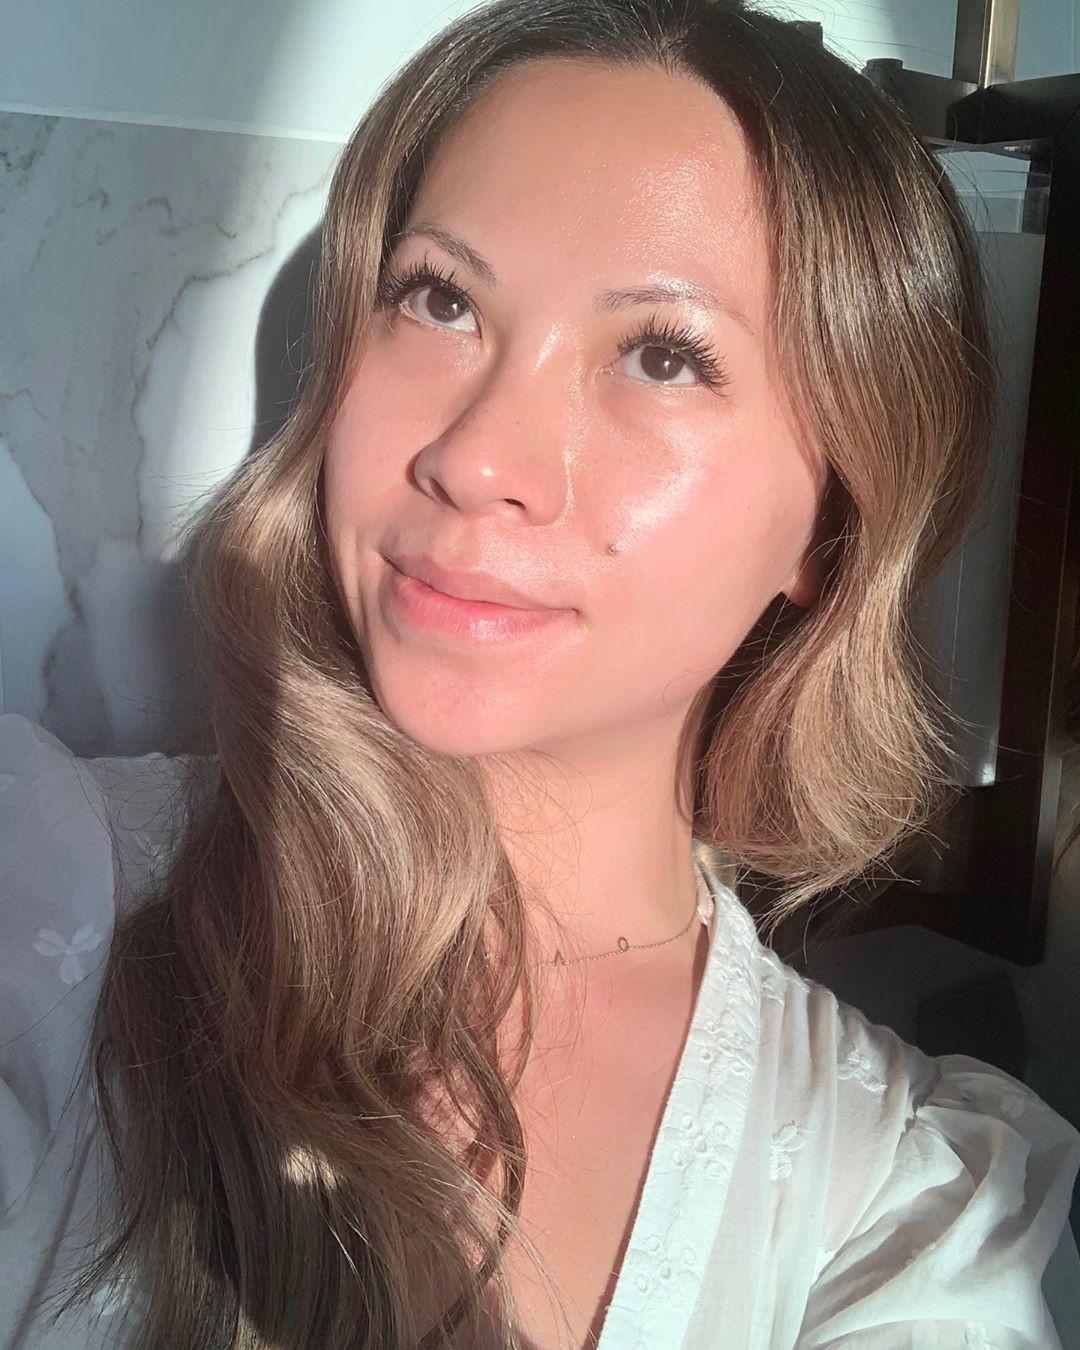 Làn da căng bóng chòi lòa trong truyền thuyết hoàn toàn là khả thi nếu bạn học theo 4 bí kíp này của chuyên gia makeup gốc Việt - Ảnh 4.